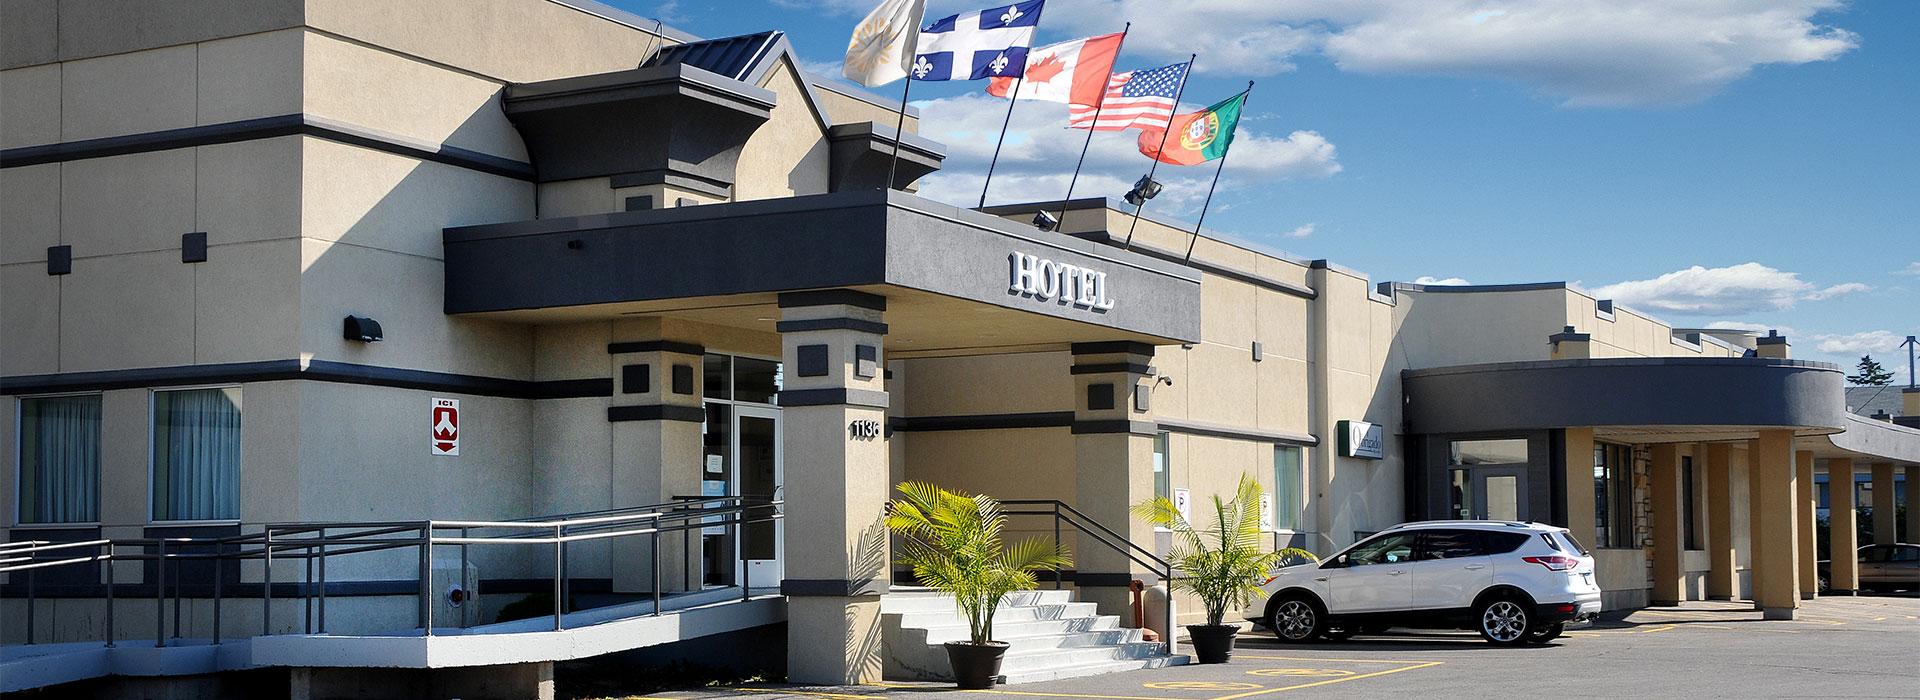 Hôtel Blainville 3 étoiles, Rive-Nord, Laurentides